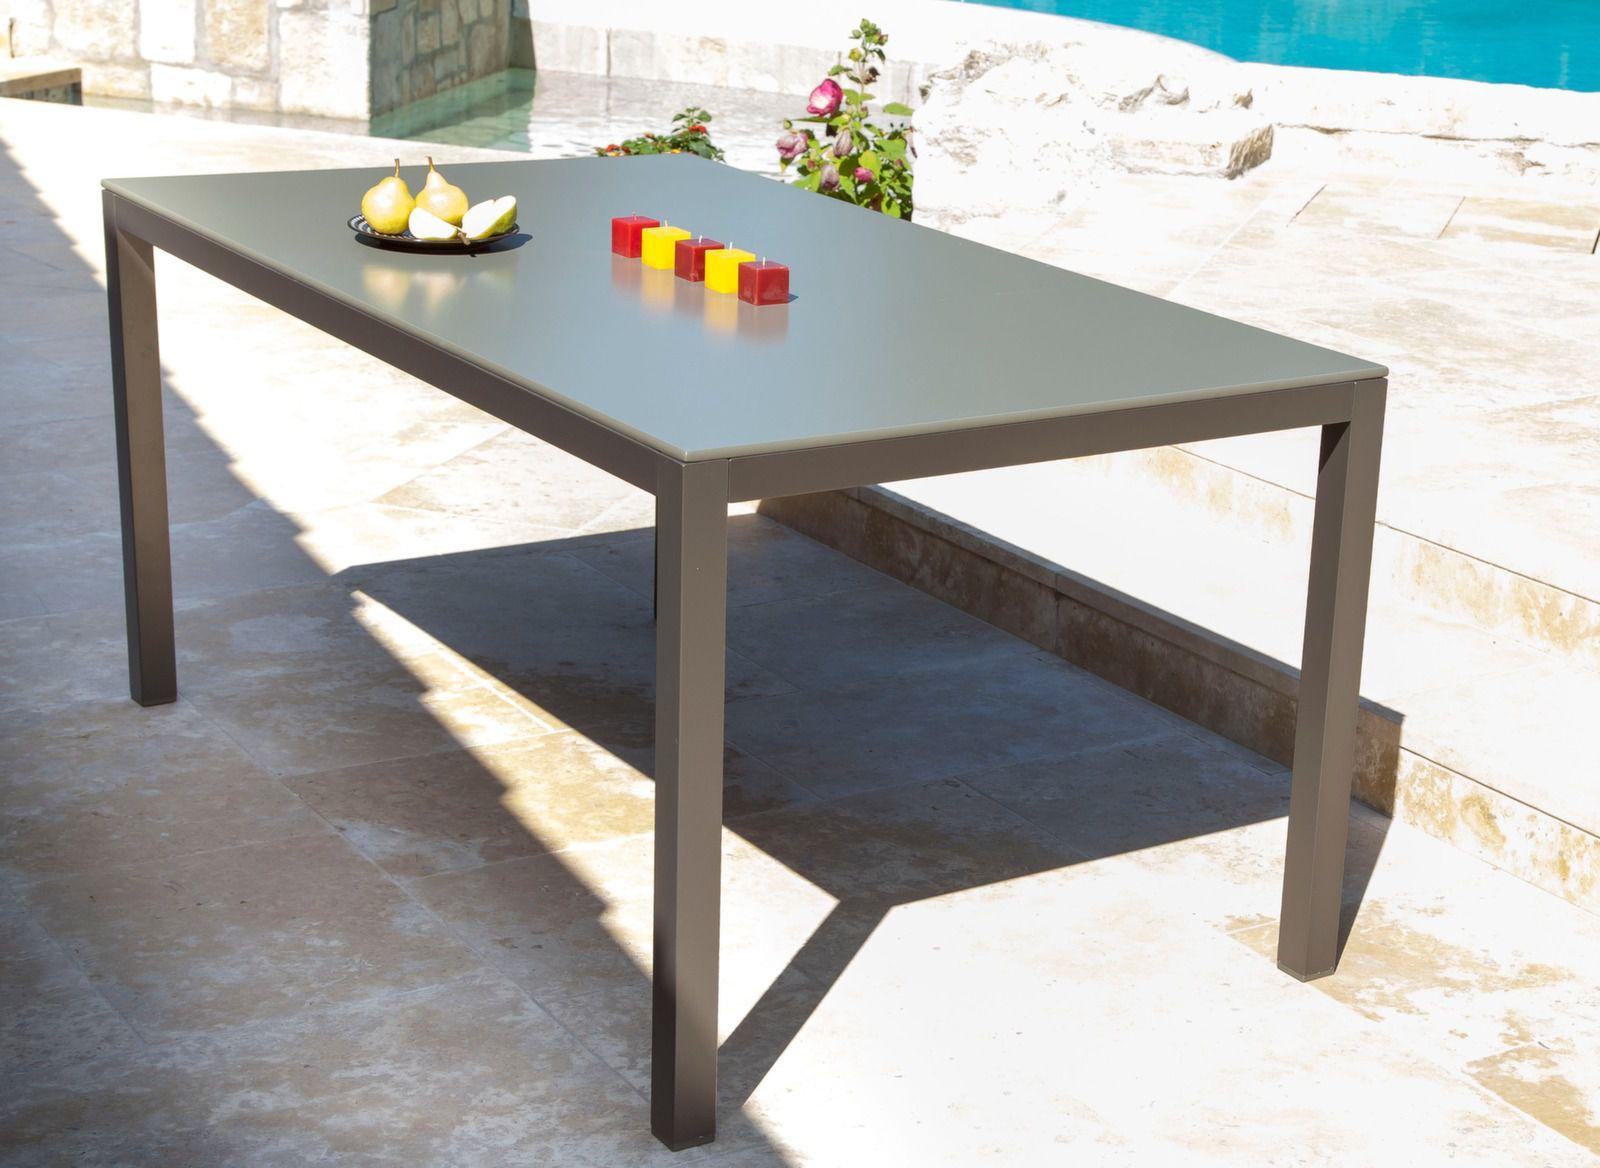 Table de jardin Création + 6 chaises - Promotion - Proloisirs